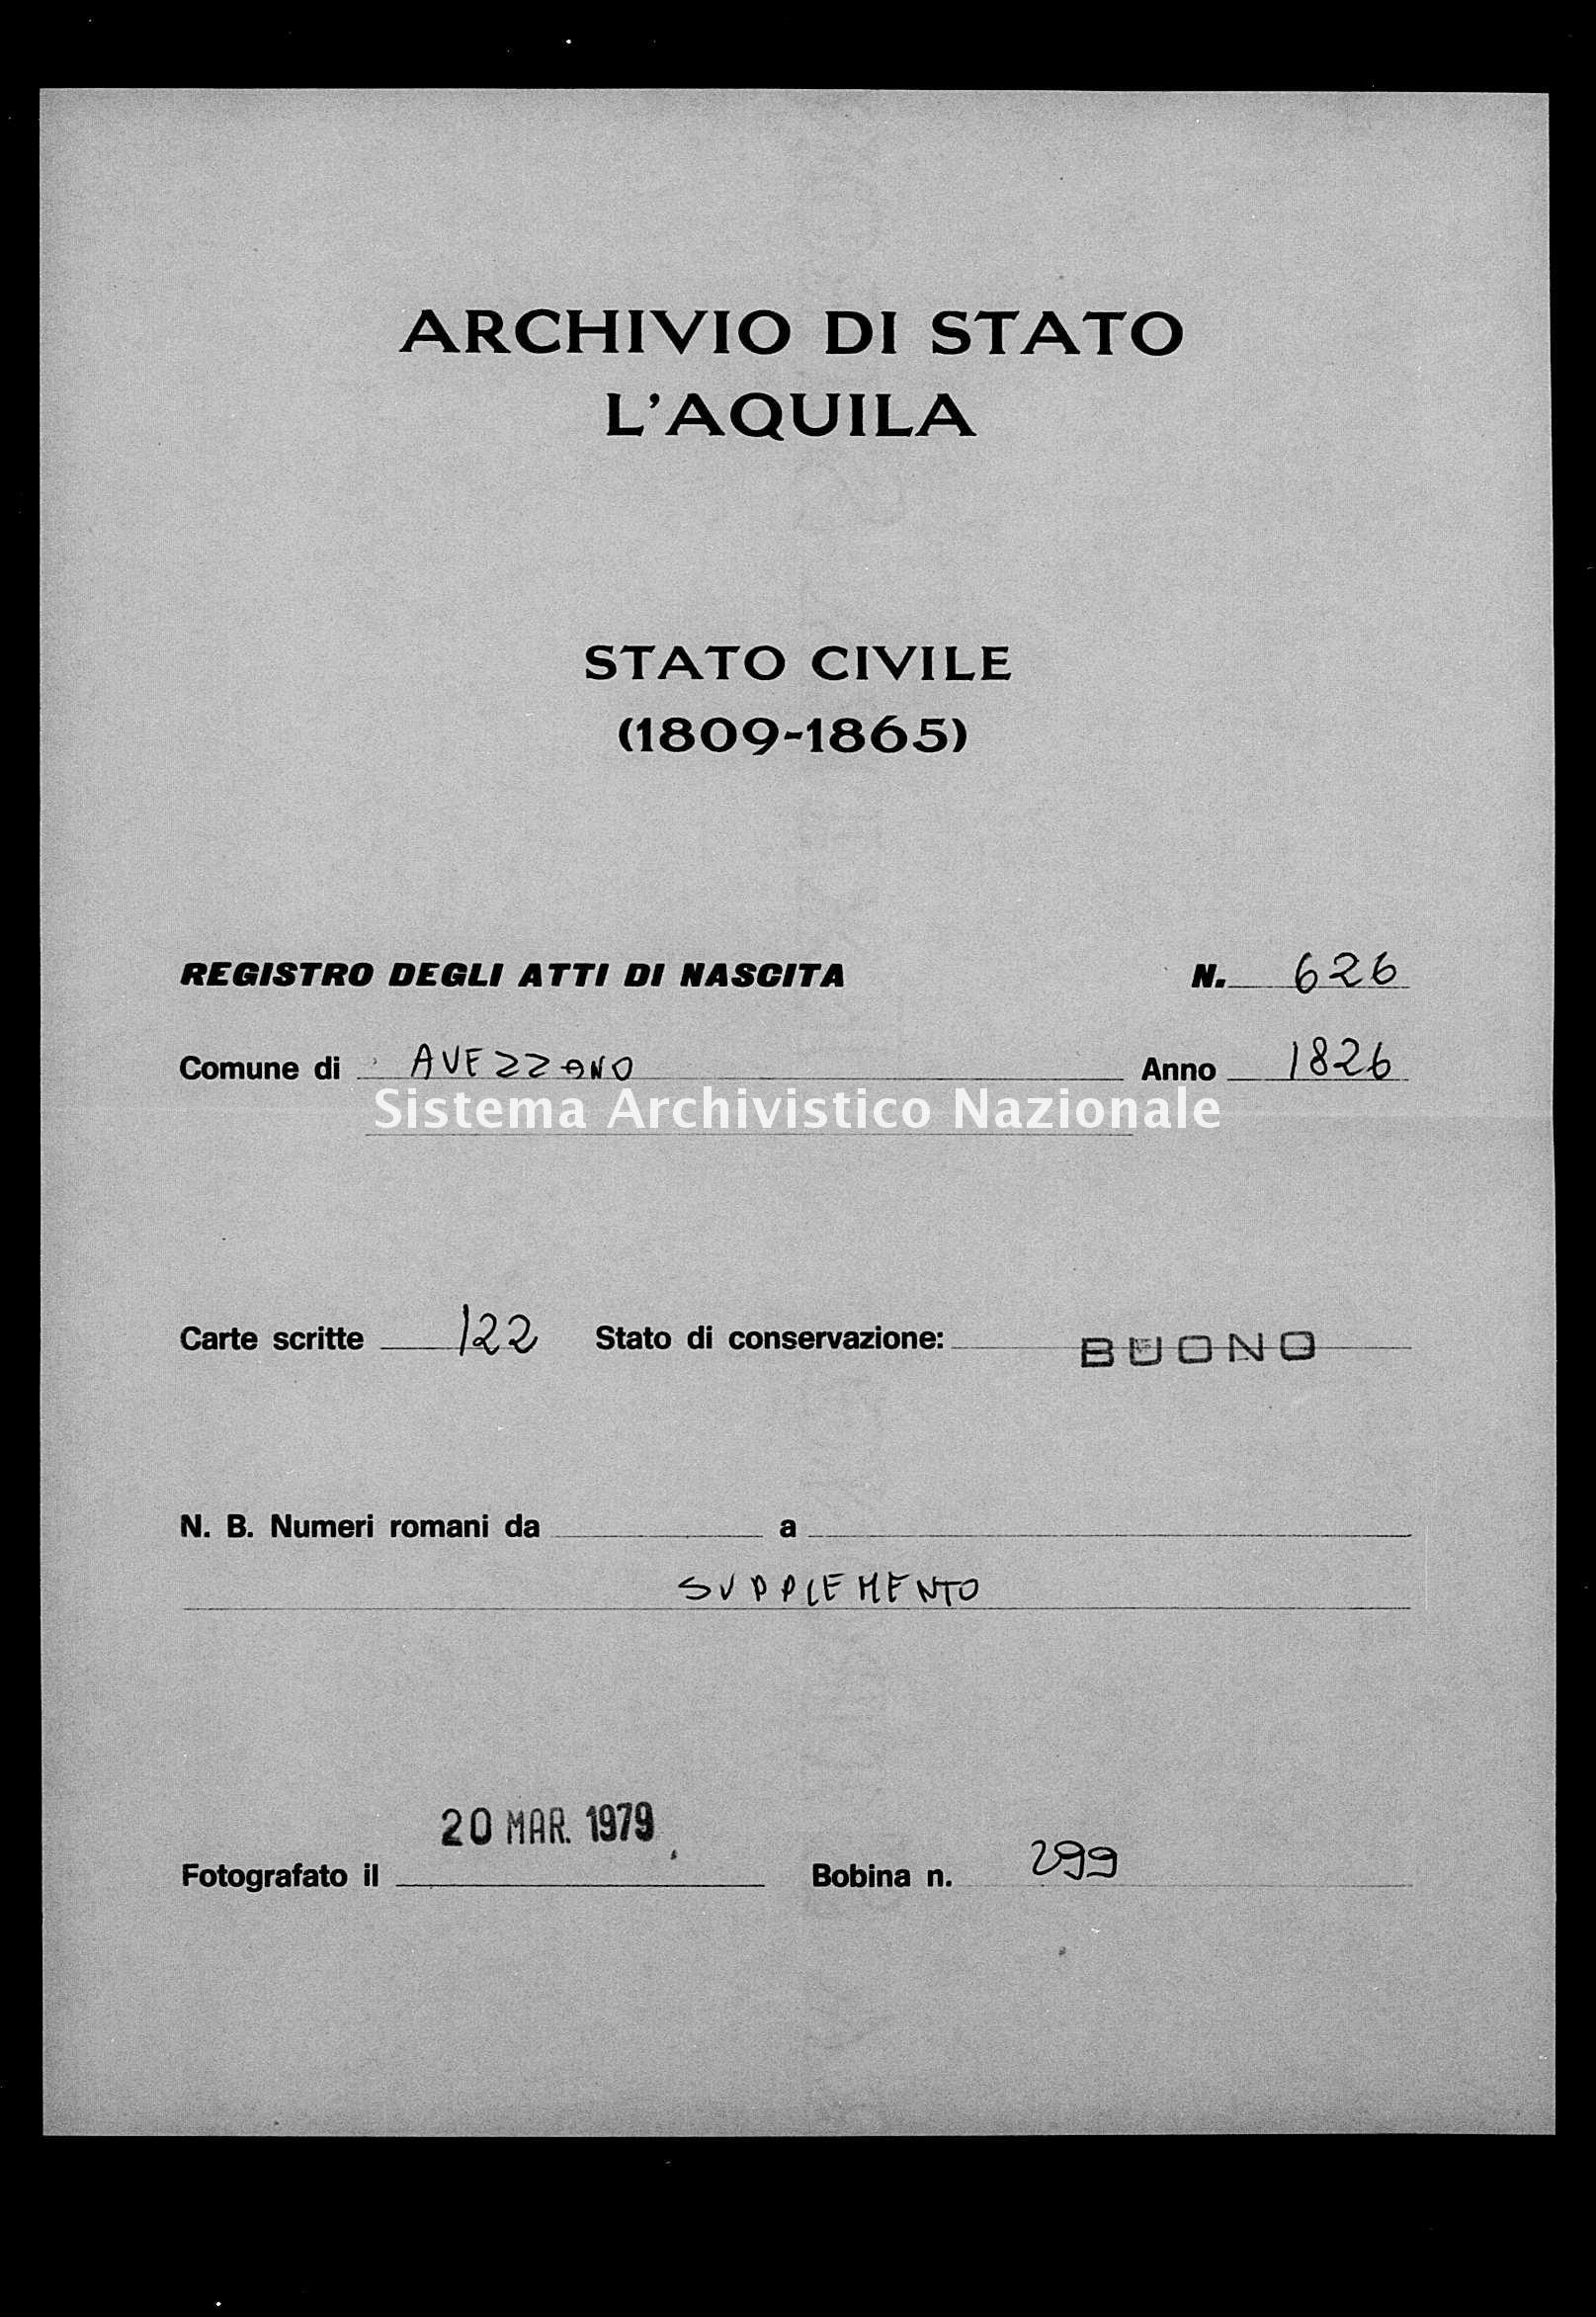 Archivio di stato di L'aquila - Stato civile della restaurazione - Avezzano - Nati, battesimi - 1856 - 626 -